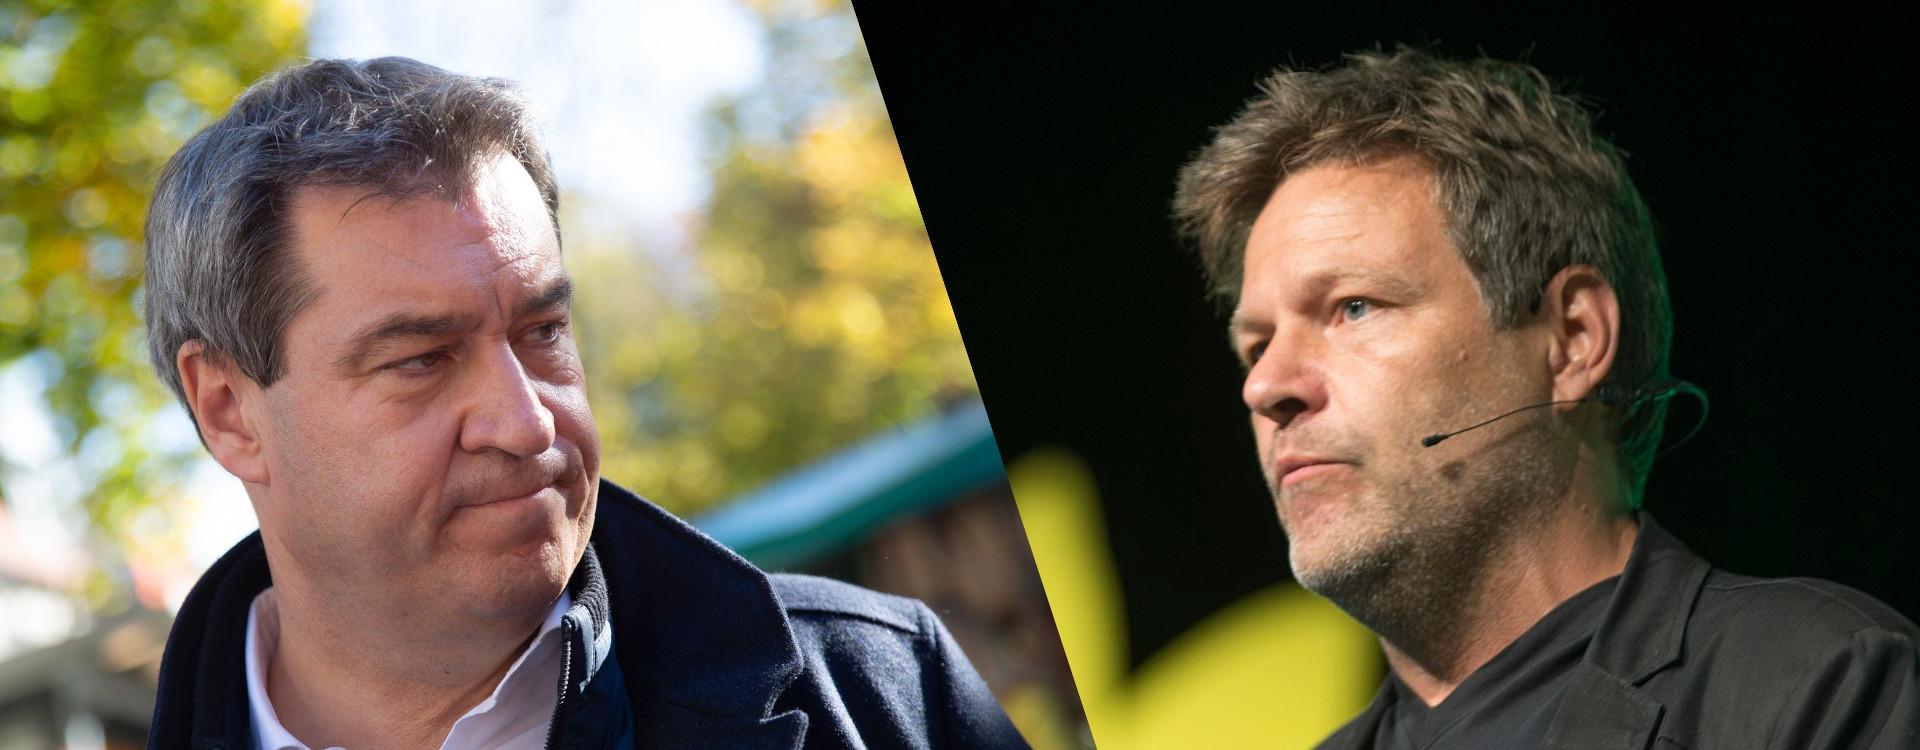 R. Habeck and M. Söder - Opfer der Kandidaten-Kür